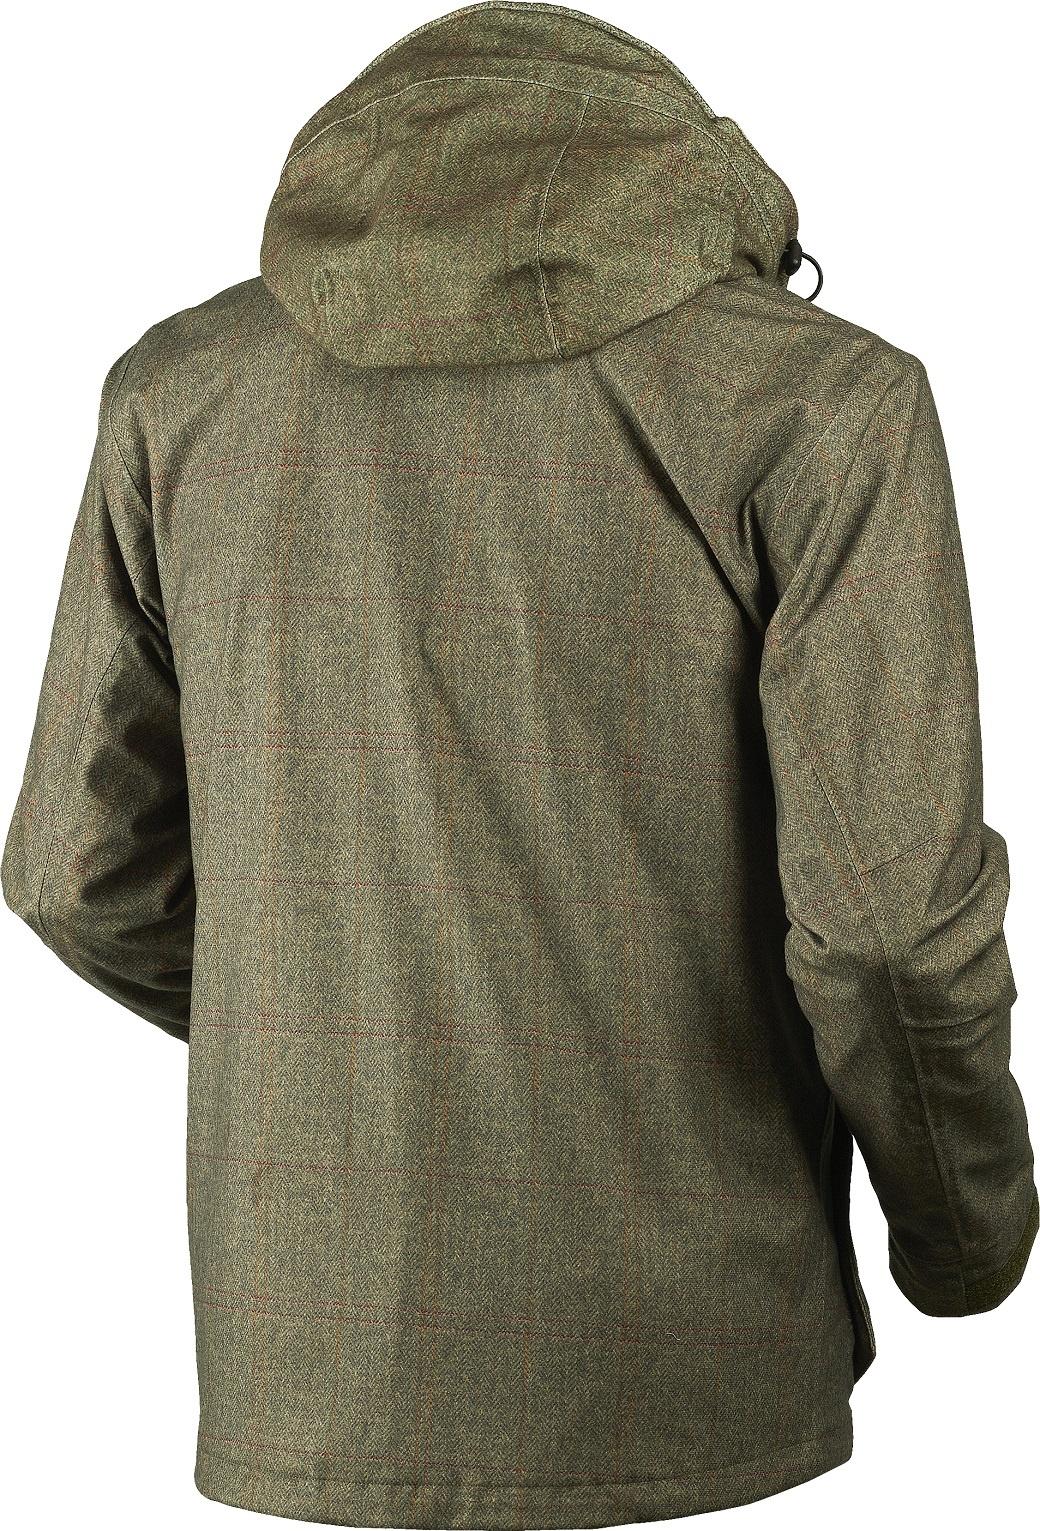 Härkila Stornoway Active jacket Cottage Green-2